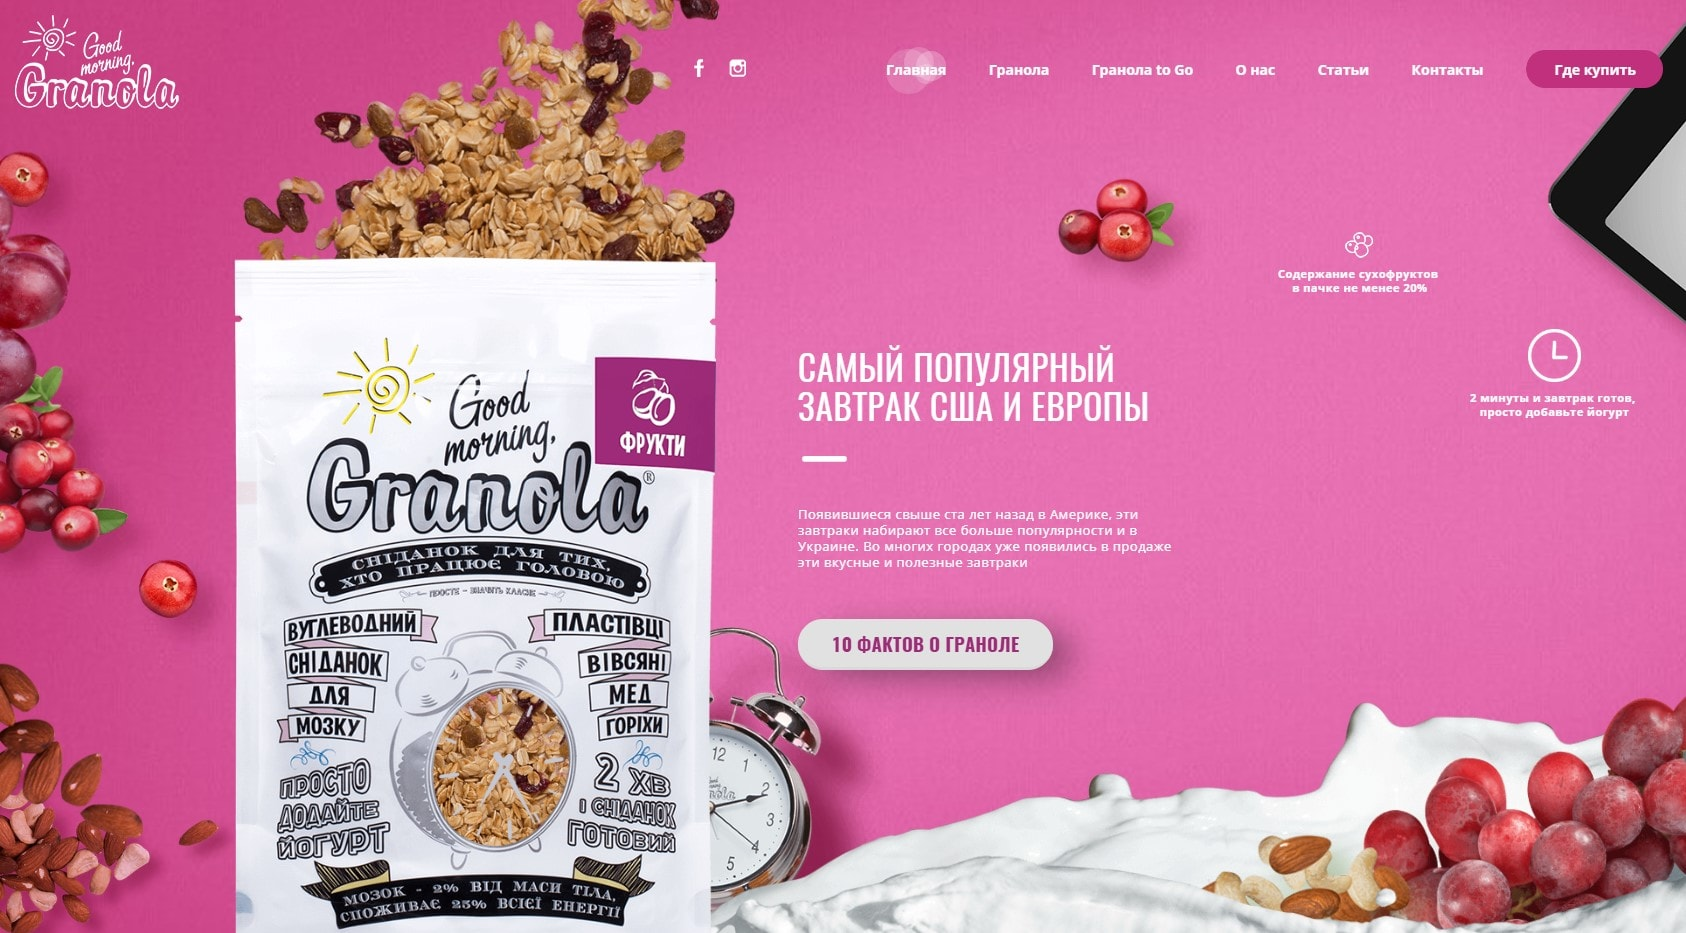 Сайт продажи питательных завтраков